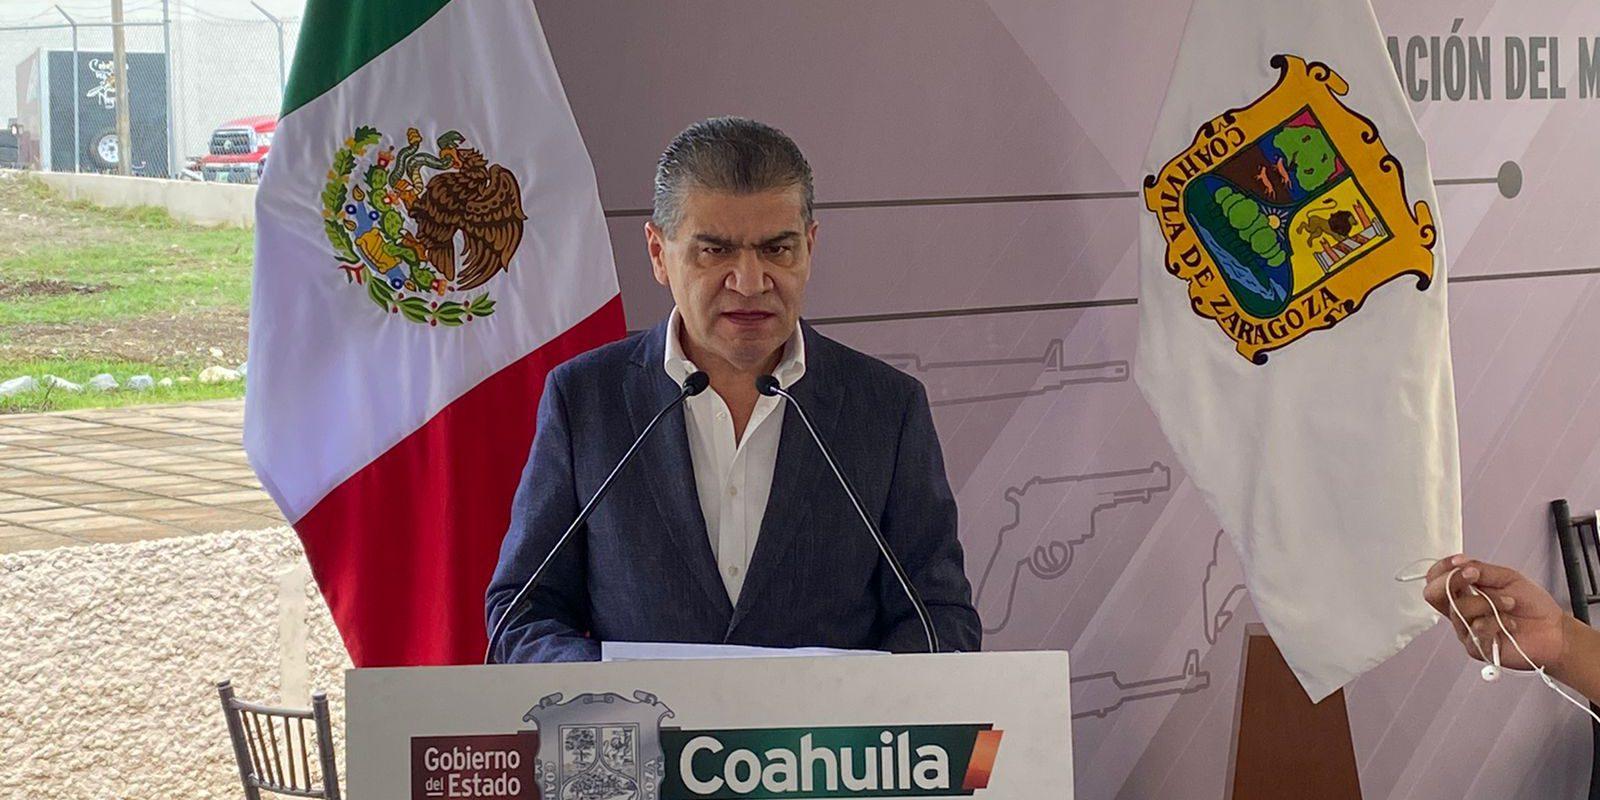 Esta consulta es una perdida de tiempo, Coahuila esta en lo que se debe